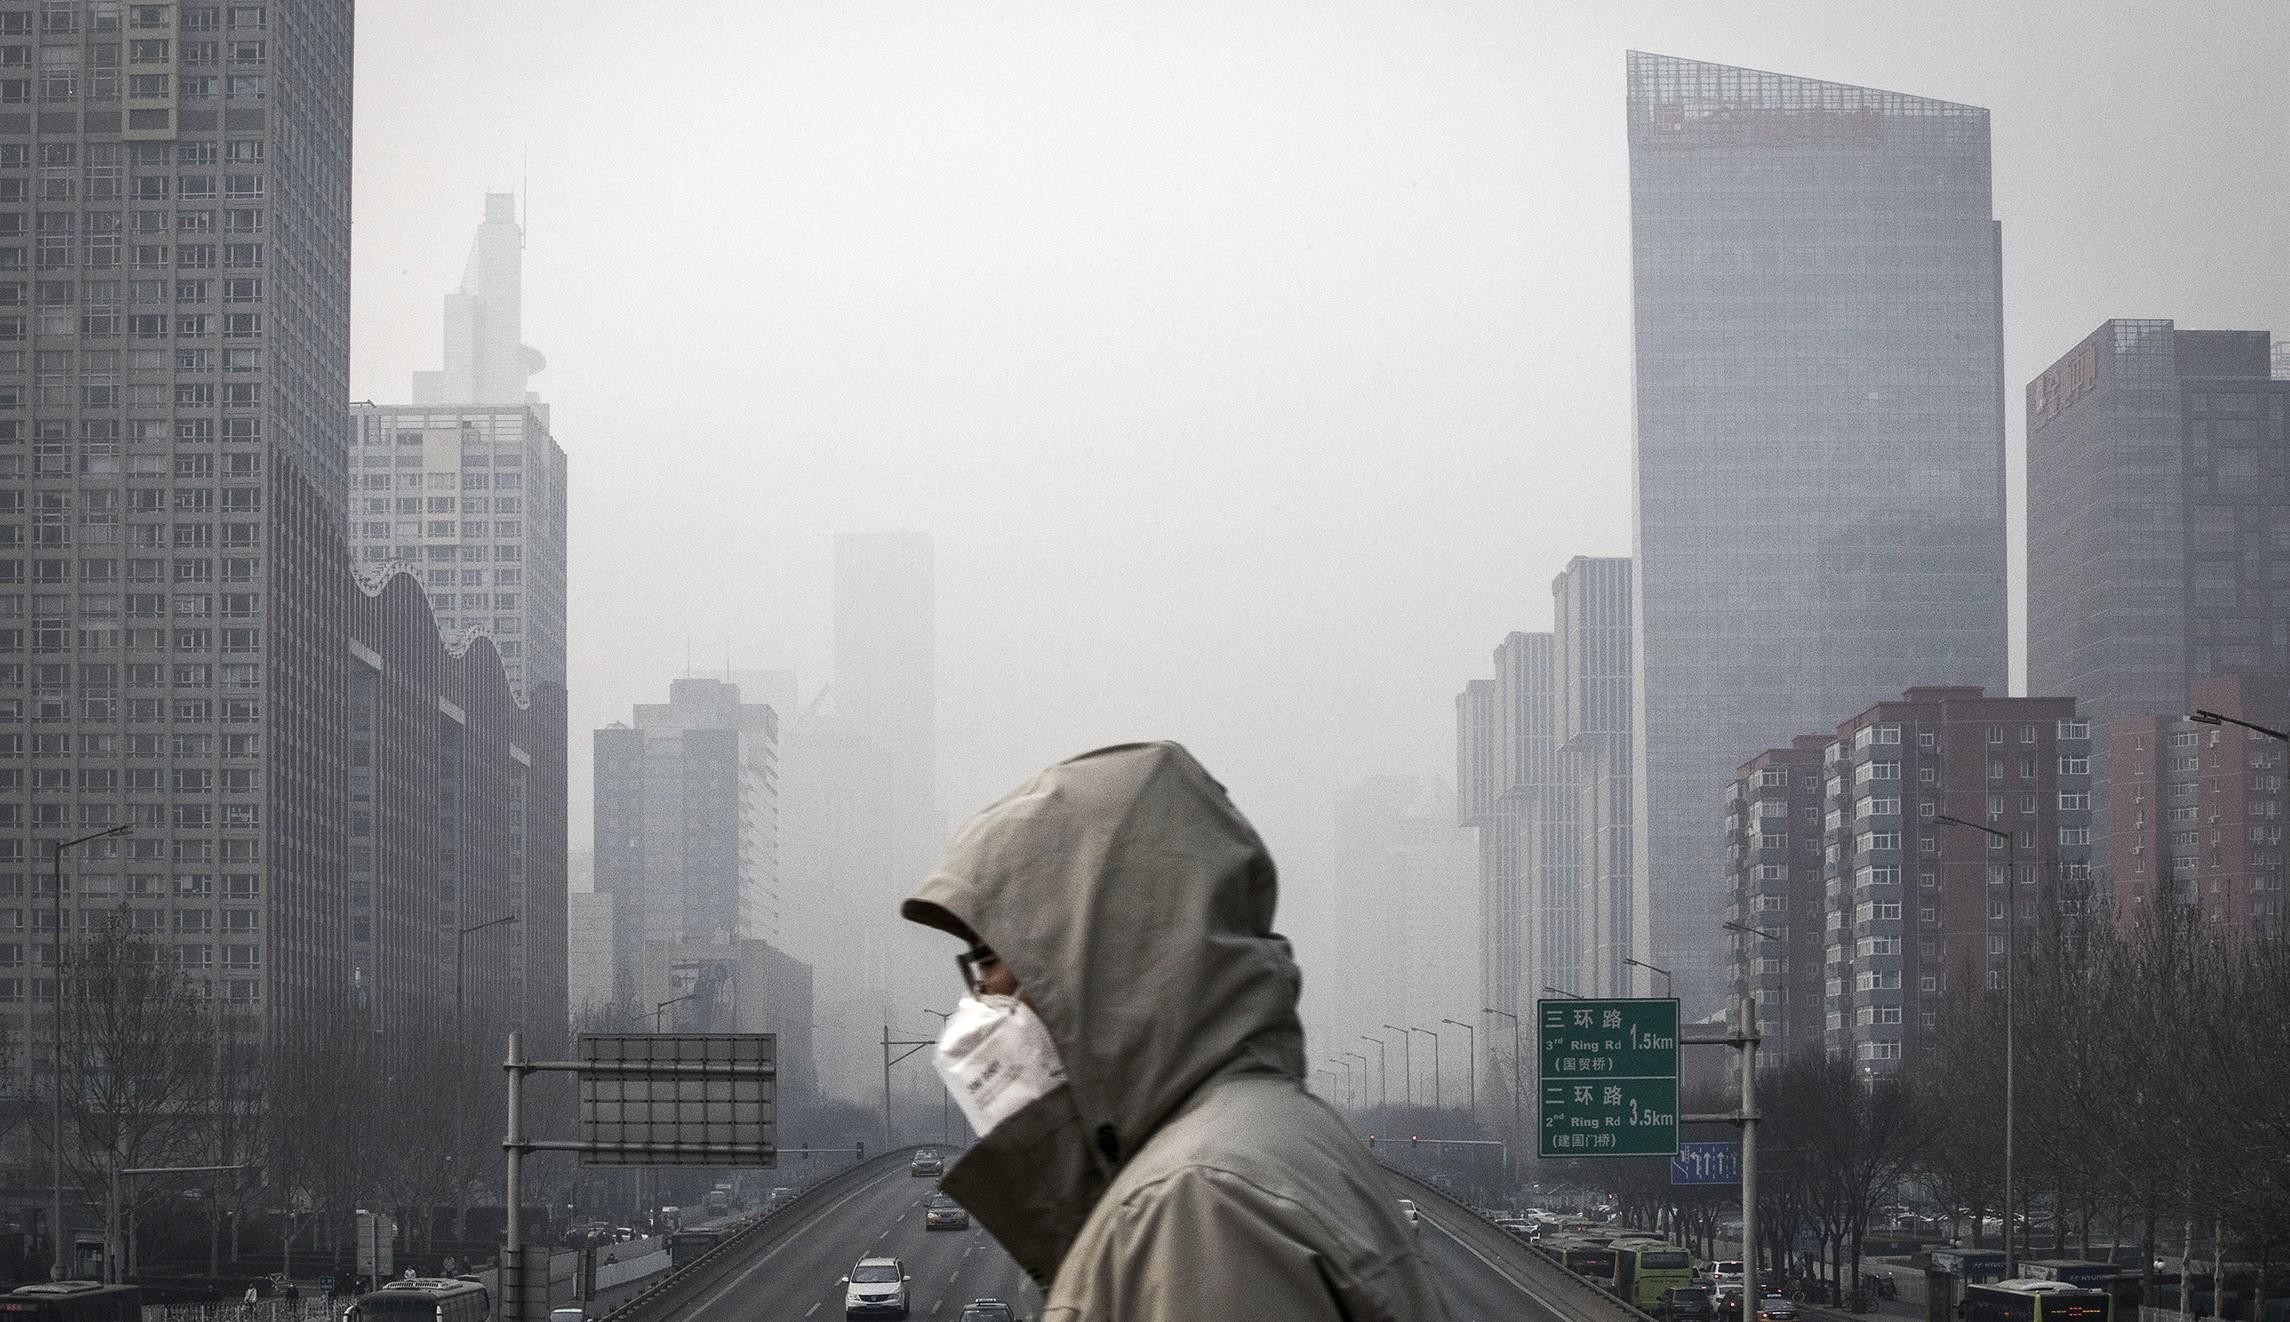 اگر هوای شهرتان آلوده است، این خوراکی ها را در سبد غذایی تان قرار دهید.